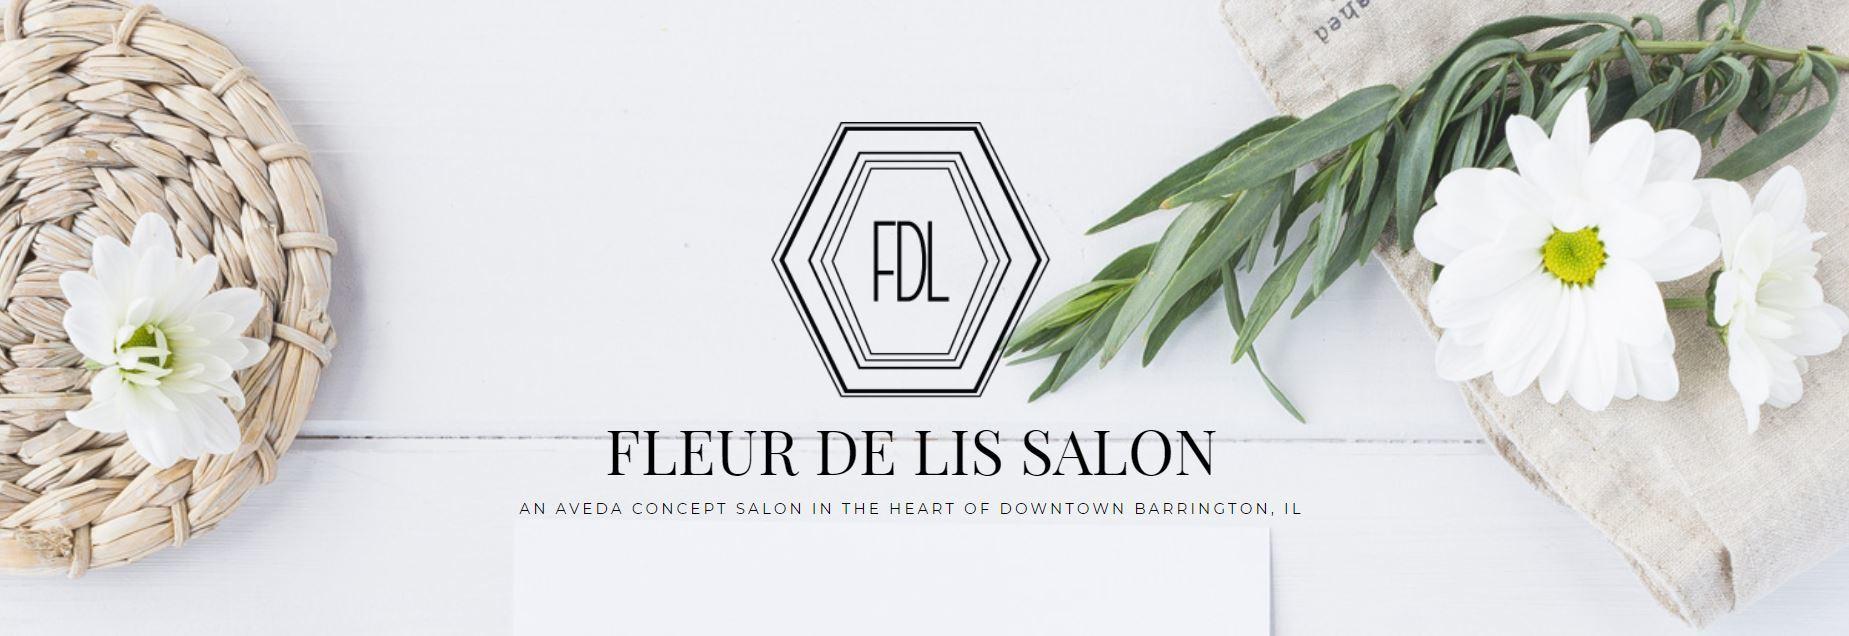 Fleur de Lis Salon Package of 3 Blow-outs